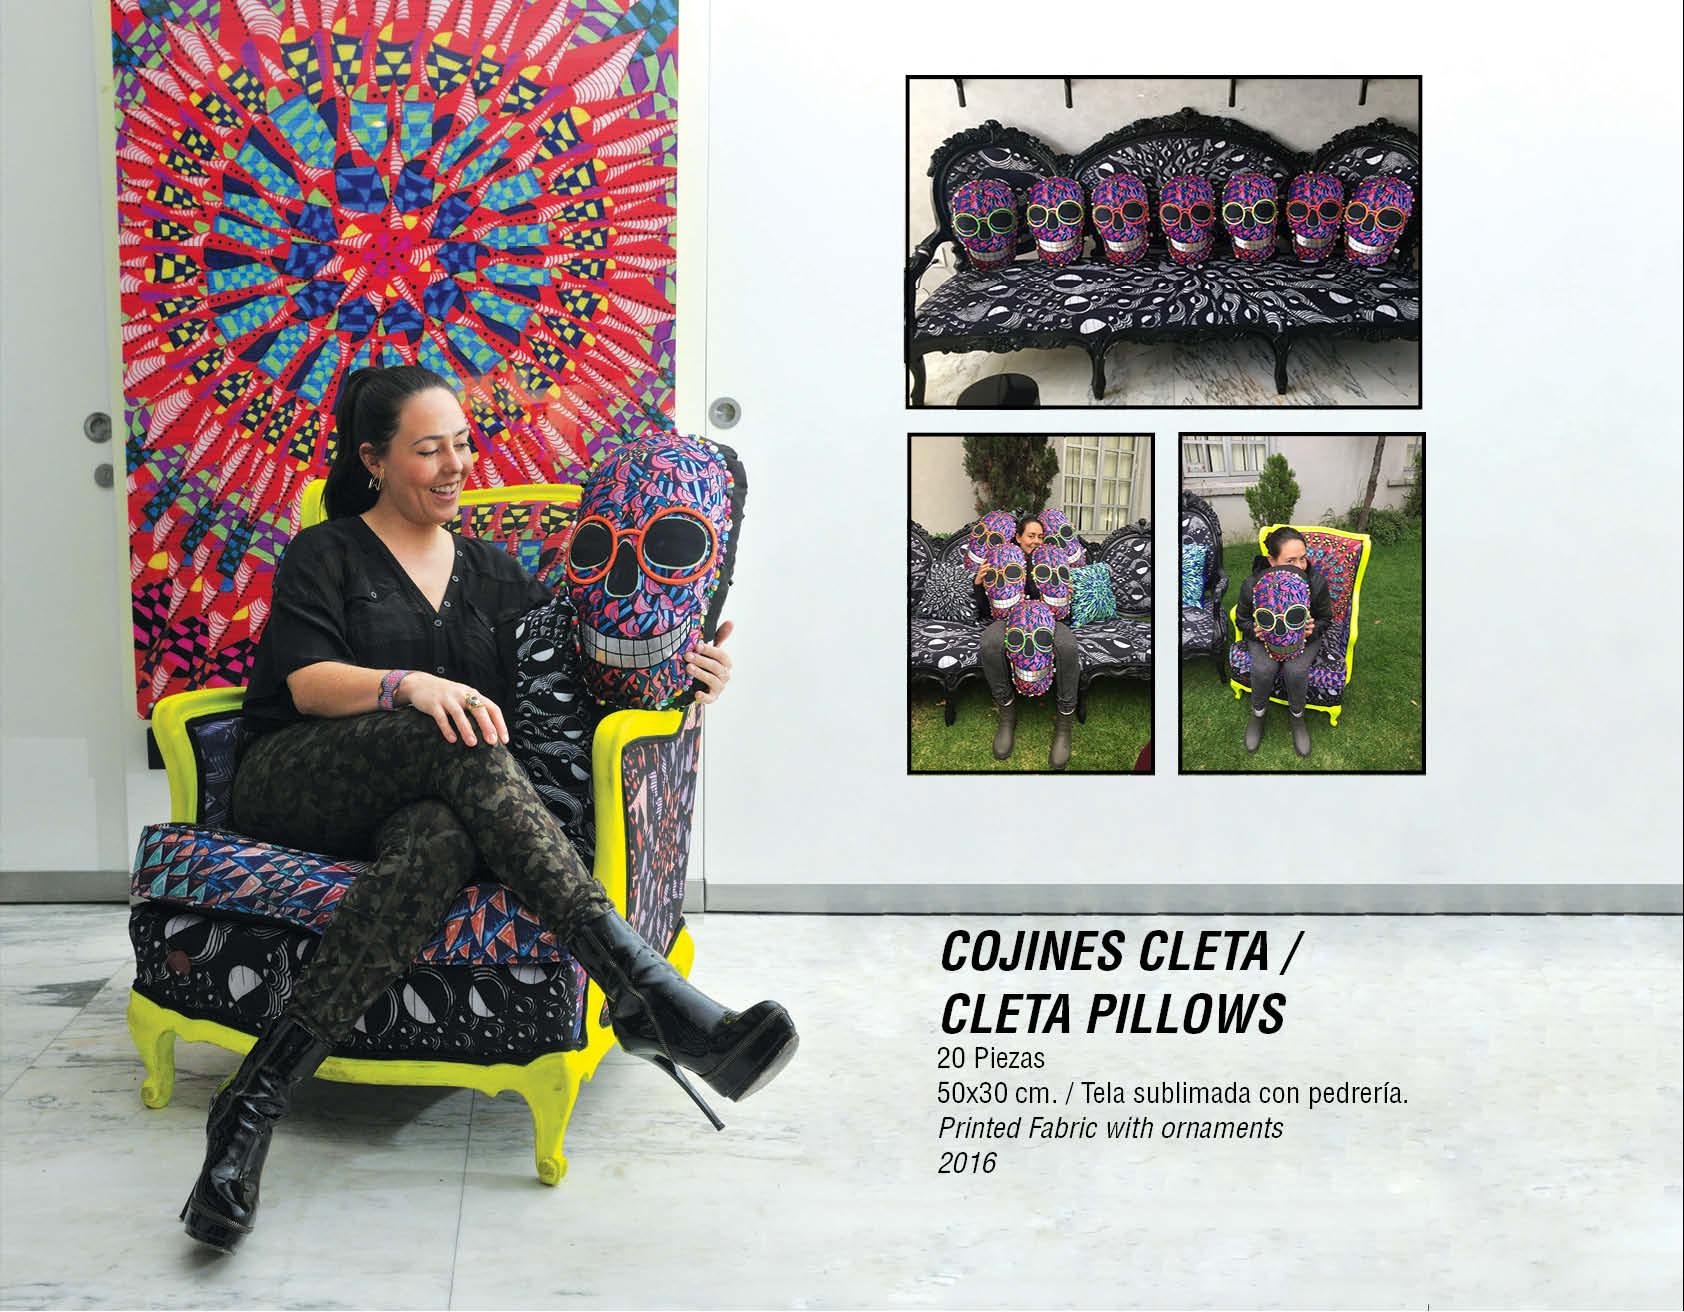 Cleta pillows.jpg